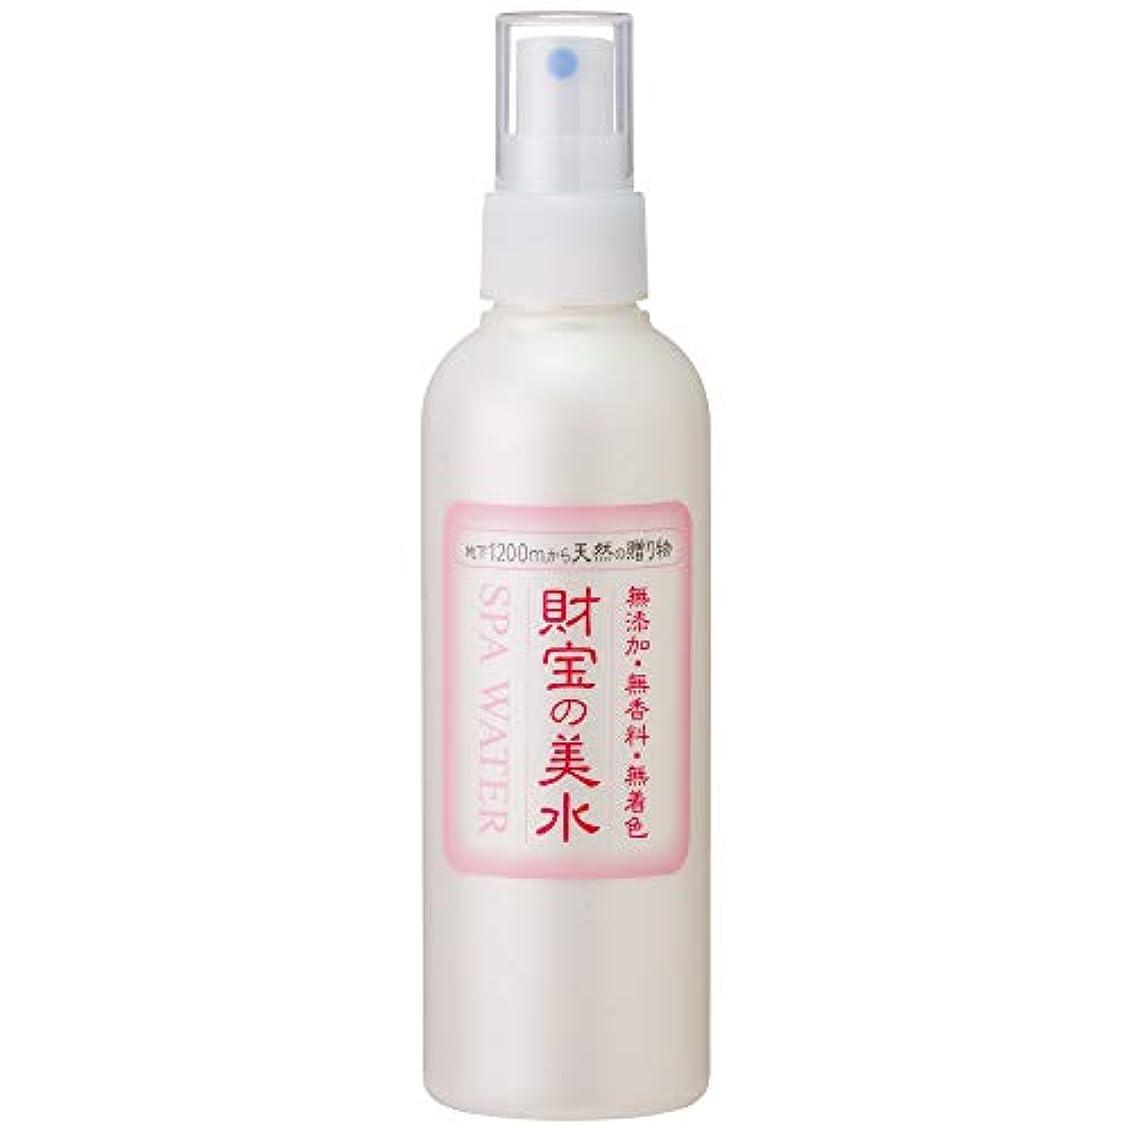 悪性採用するジョリー財宝 温泉 美水 ミスト 化粧水 200ml